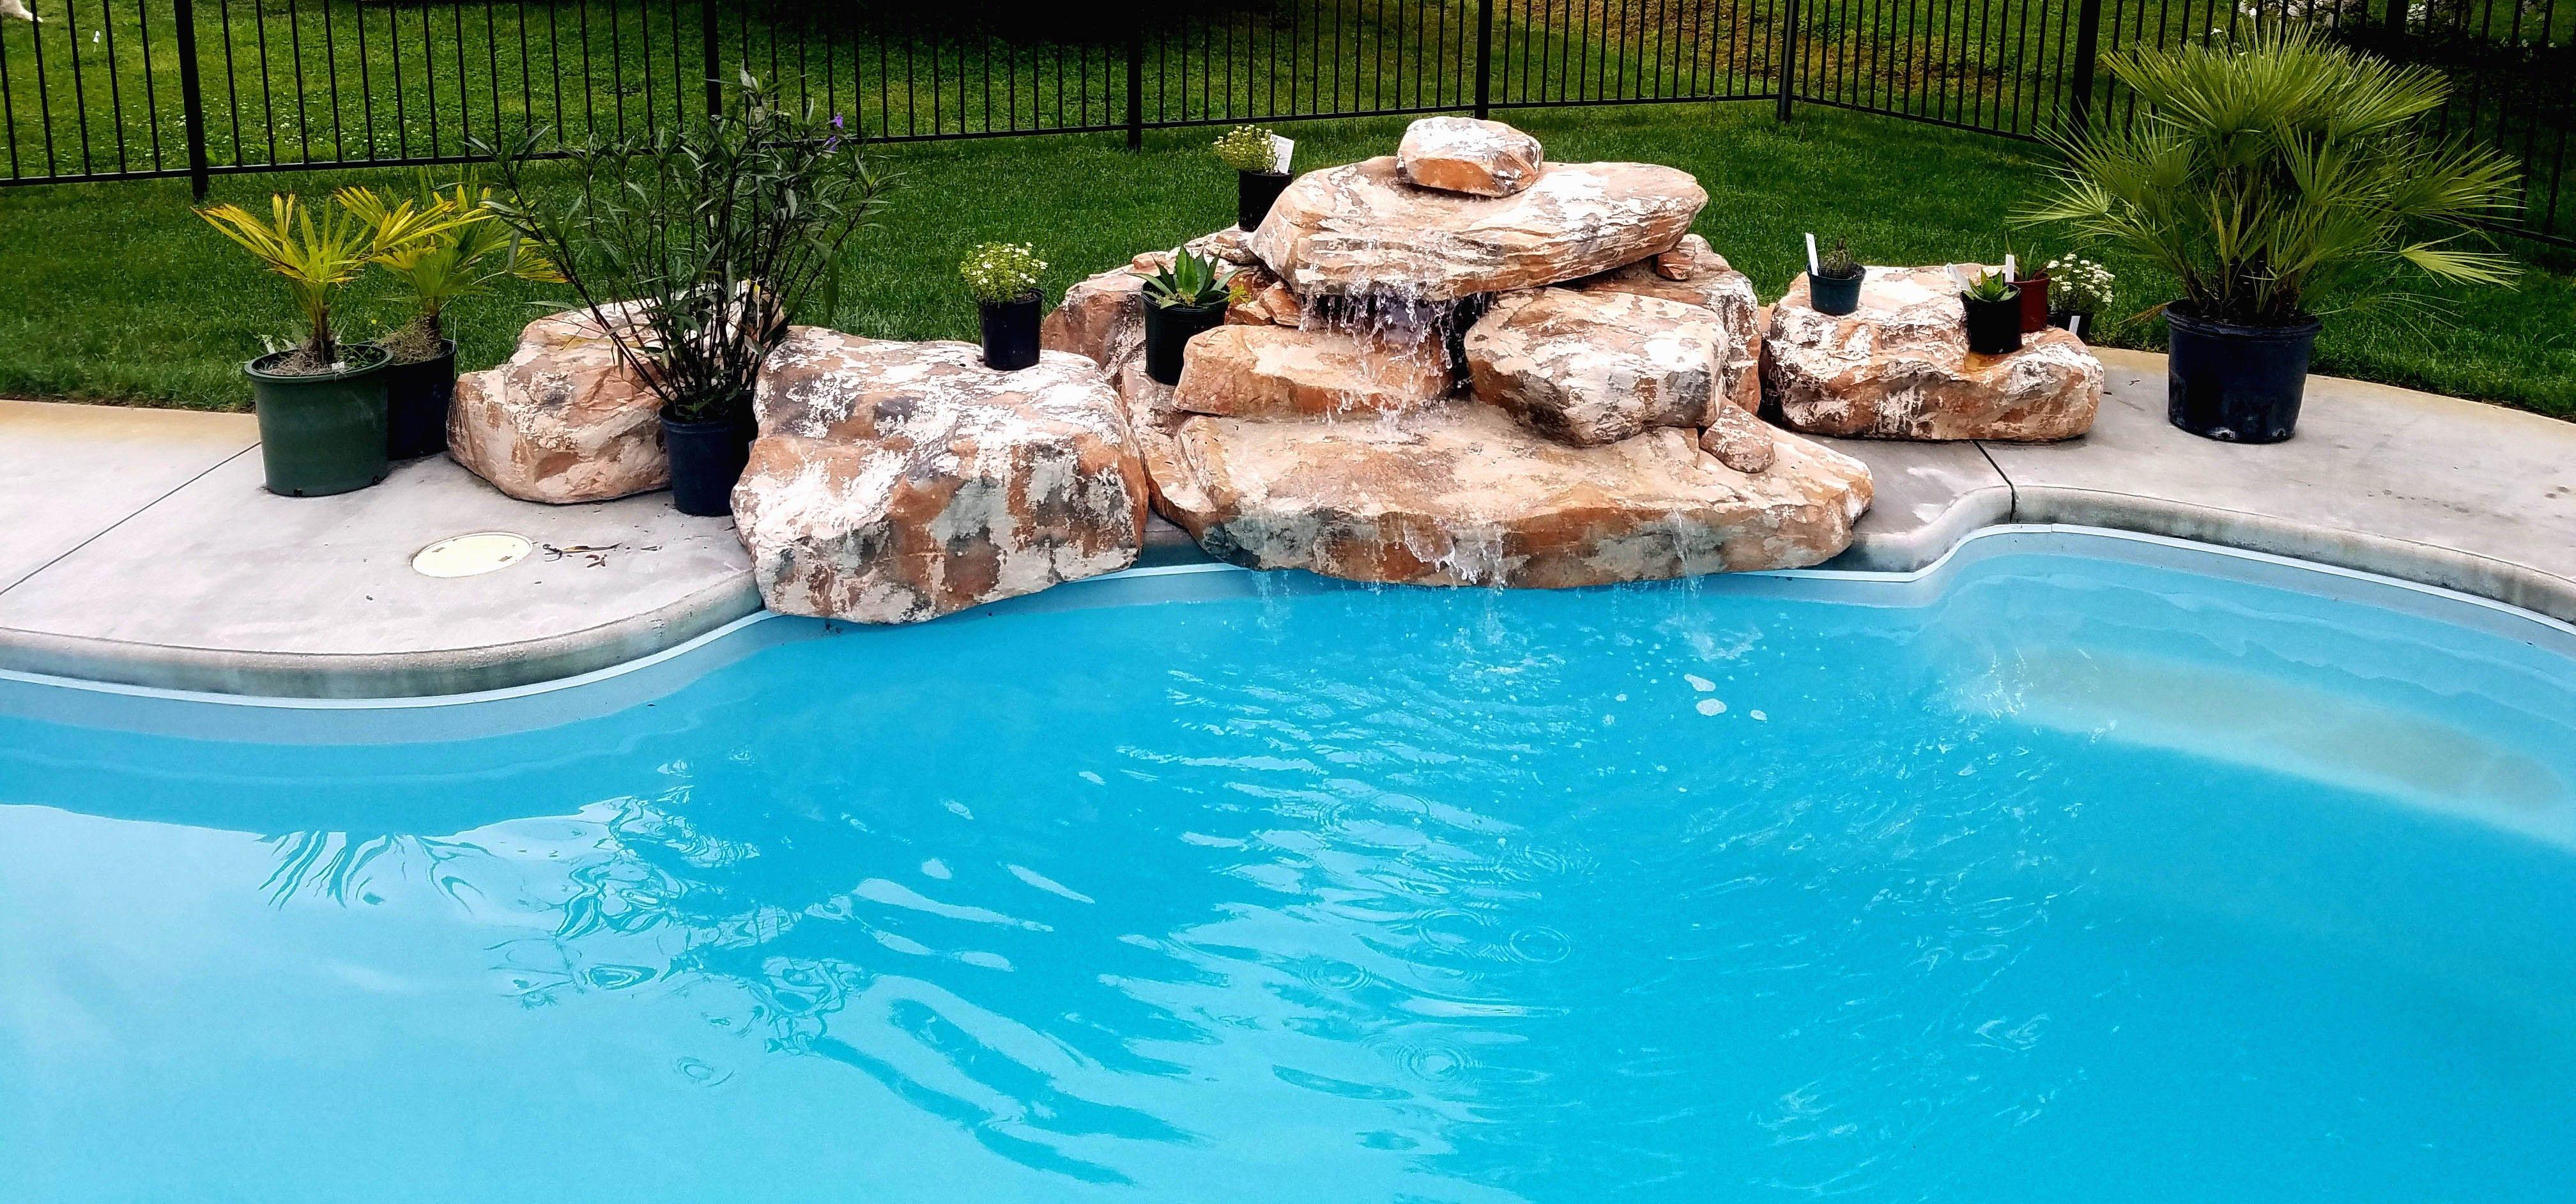 Aquascape Ideas Aquascape Swimming Pools